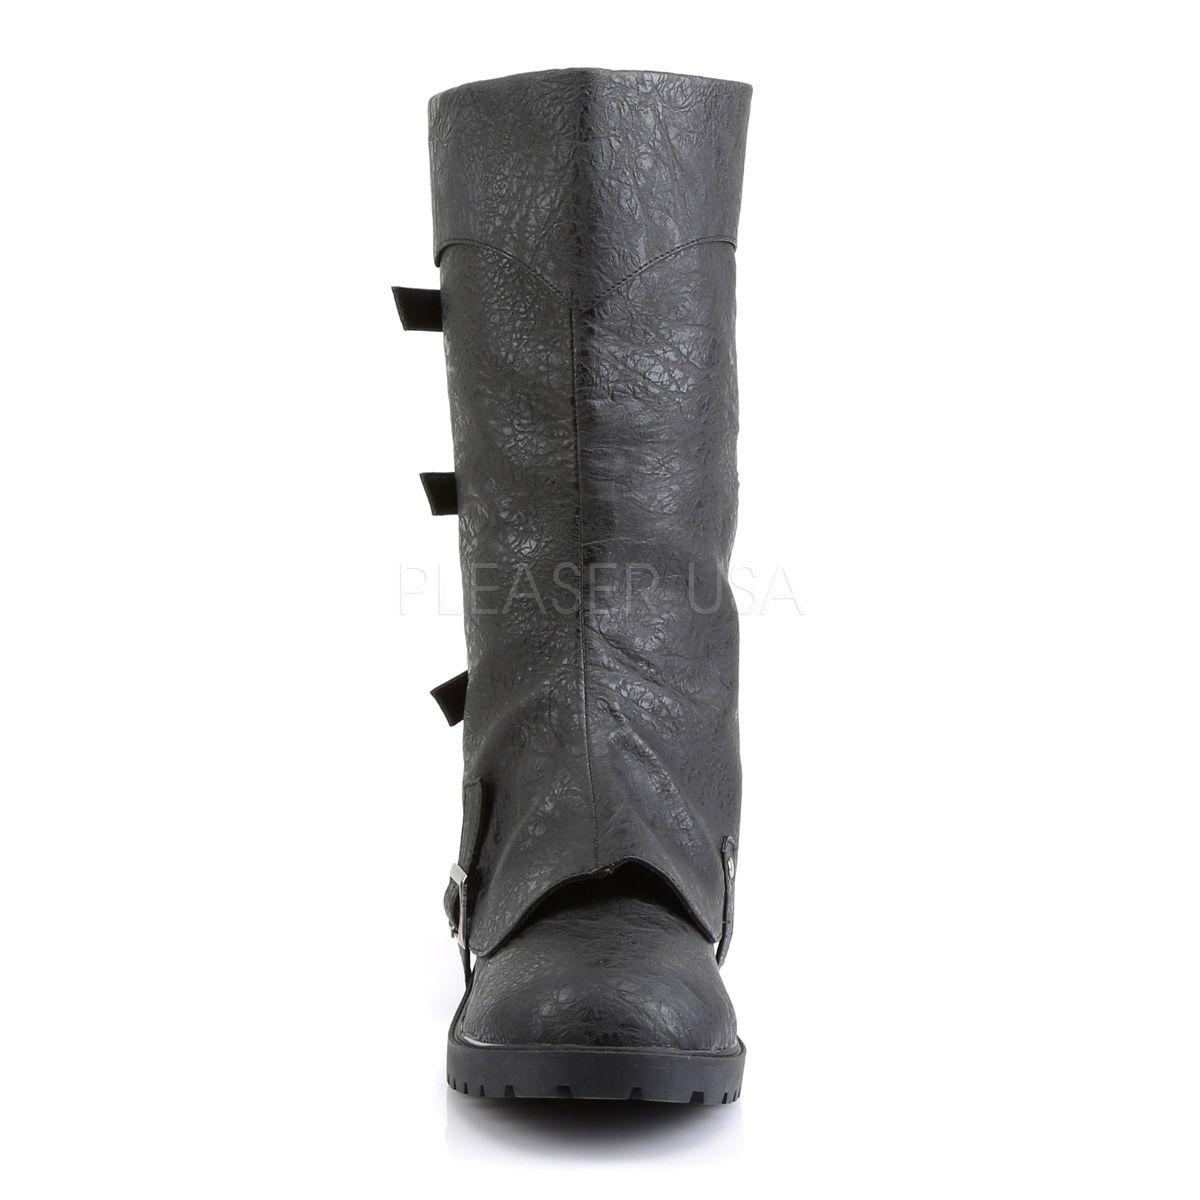 Botas de hombre disfraz pirata en cuero sintético con caña desmontable